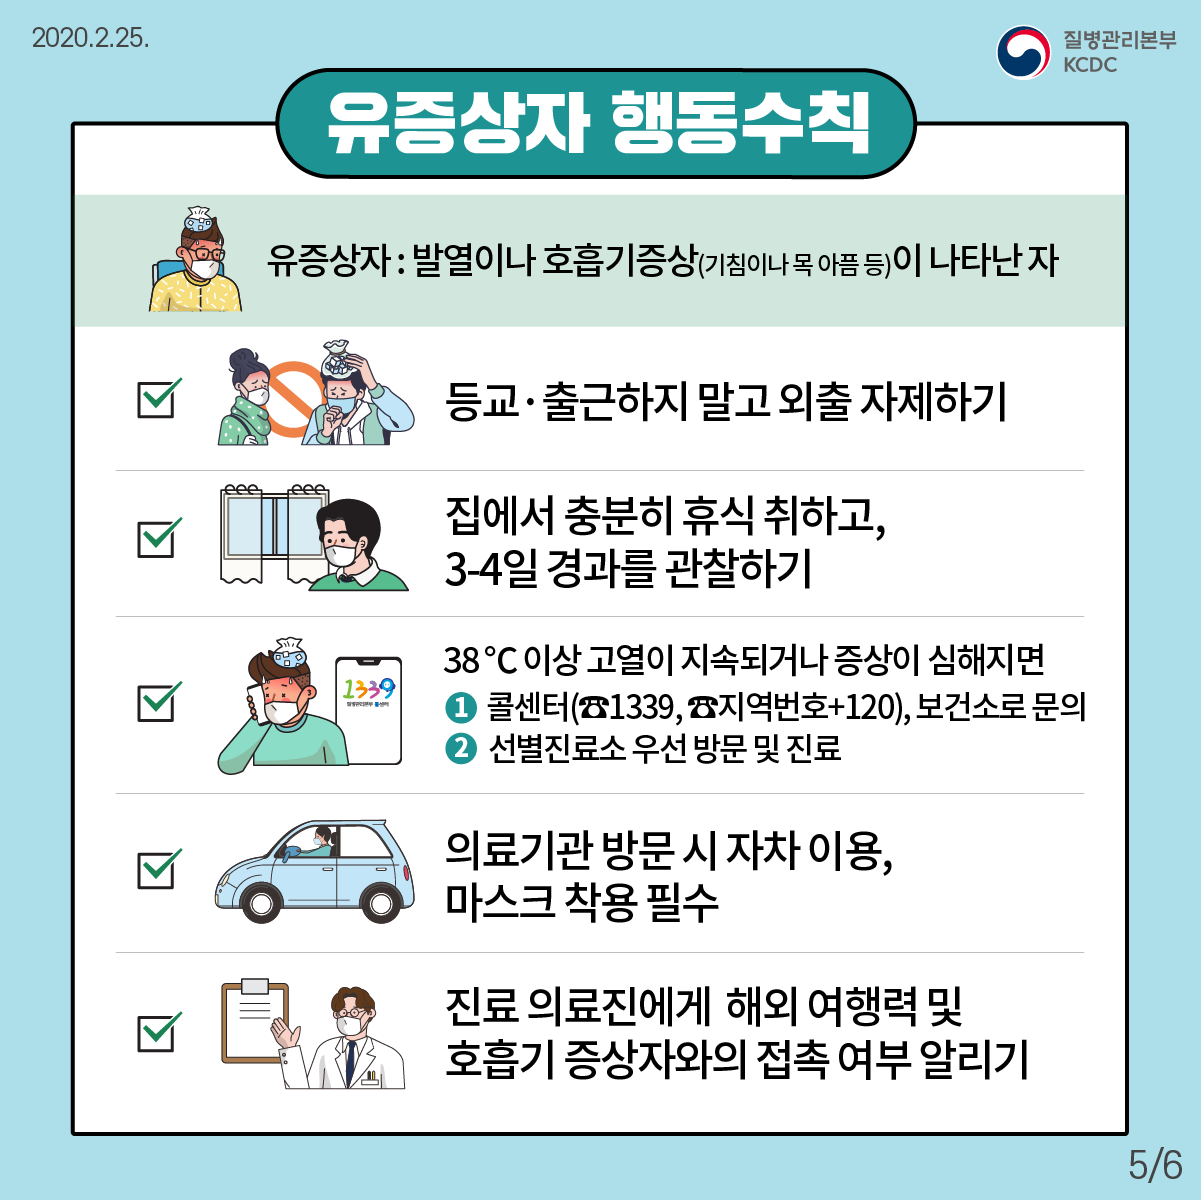 유증상자 행동수칙 유증상자 : 발열이나 호흡기증상(기침이나 목아픔 등)이 나타난 사람 1. 등교나 출근을 하지 마시고 외출을 자제해 주십시오. 2. 집에서 충분히 휴식을 취하시고 3-4일 경과를 관찰하여 주십시오. 3. 38도 이상 고열이 지속되거나 증상이 심해지면 ① 콜센터(☎1339, ☎지역번호+120), 보건소로 문의하거나 ② 선별진료소를 우선 방문하여 진료를 받으세요. 4. 의료기관 방문시 자기 차량을 이용하고 마스크를 착용하십시오. 5. 진료 의료진에게 해외 여행력 및 호흡기 증상자와 접촉 여부를 알려주세요.